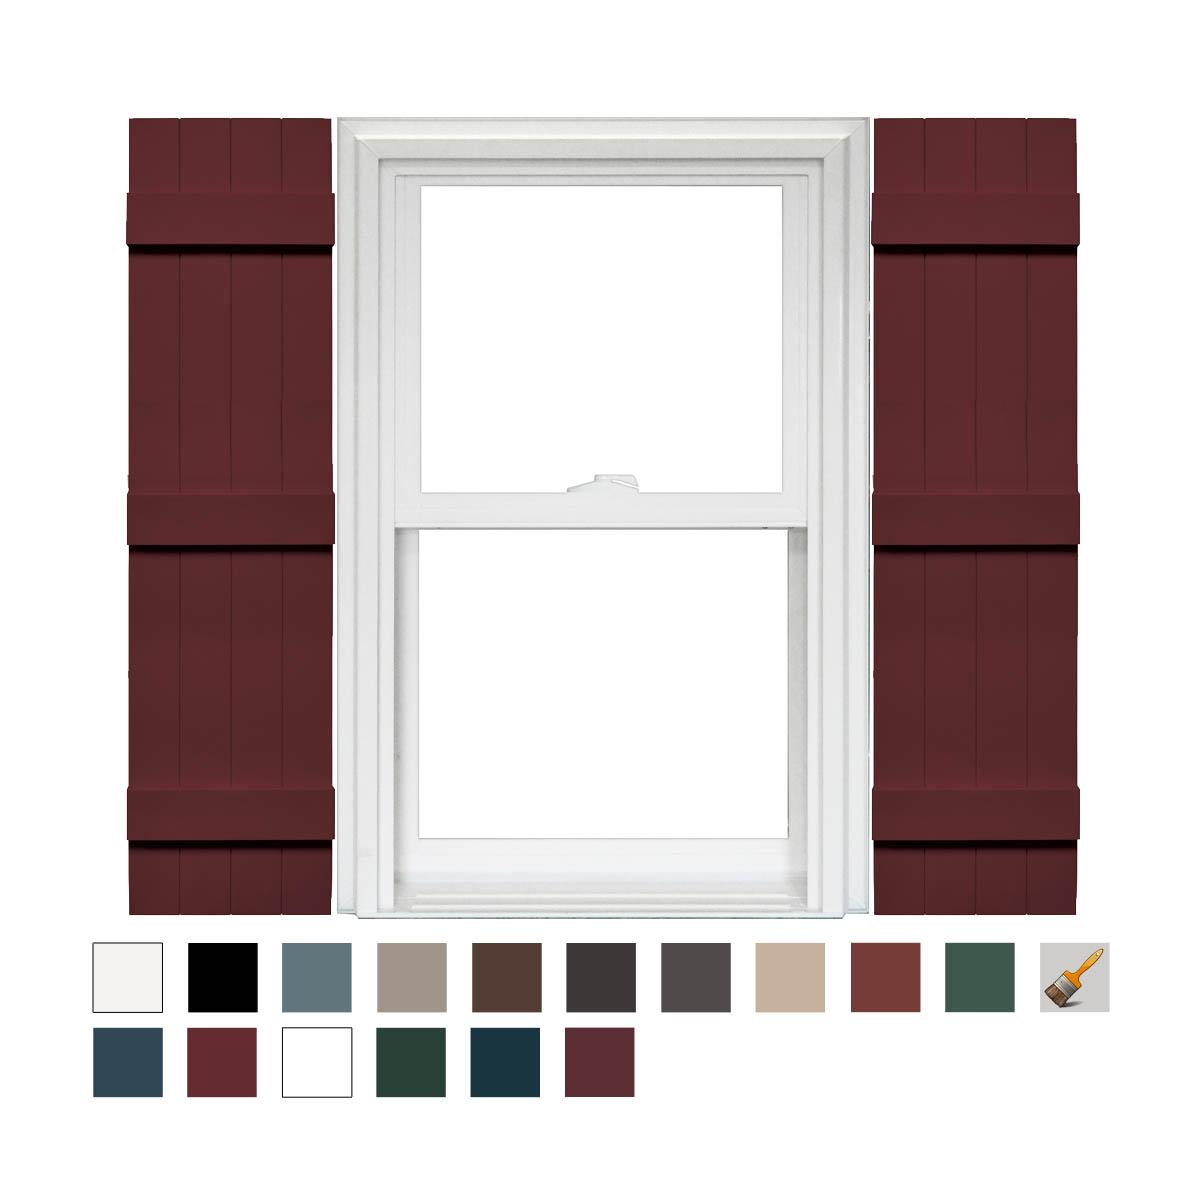 14 x 55 078 Wineberry